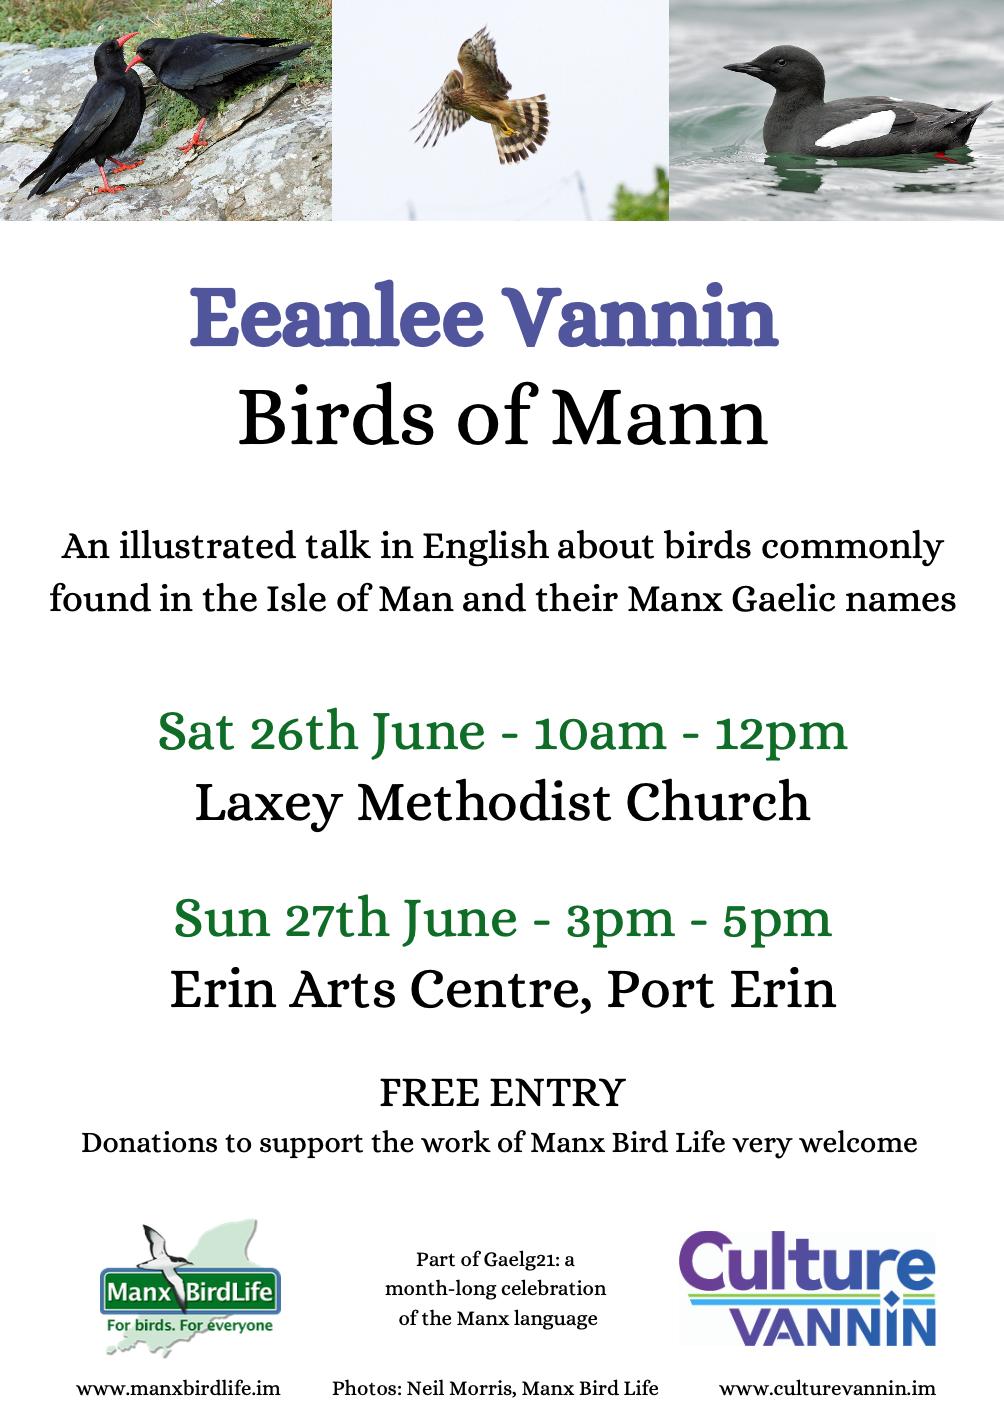 Eeanlee Vannin Birds of Mann 26 and 27 June 2021